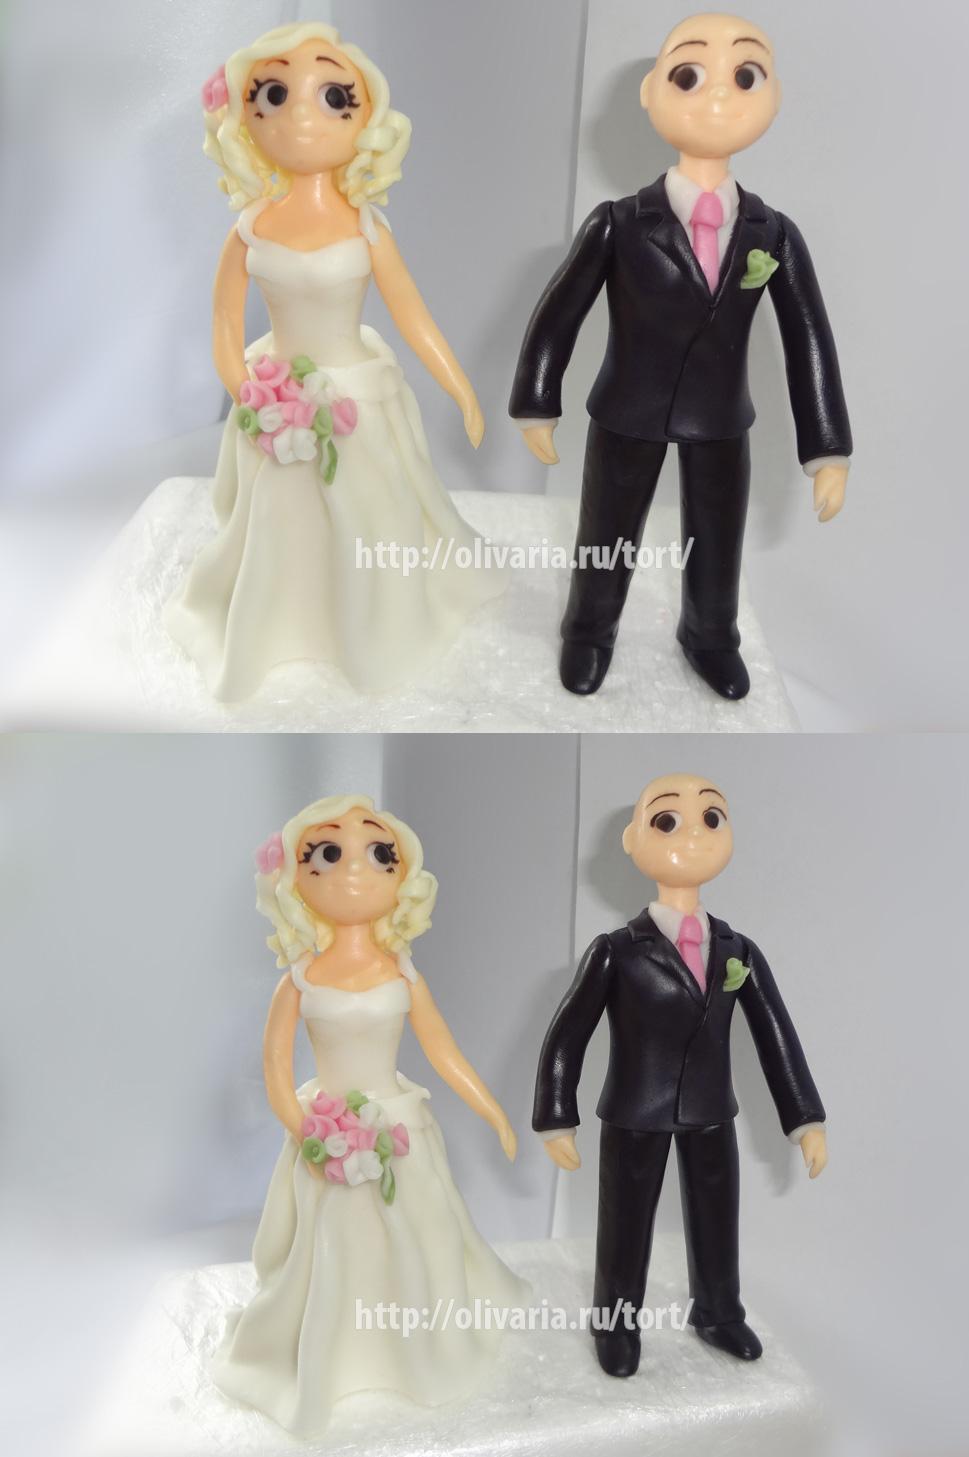 Как сделать свадебные фигурки из мастики